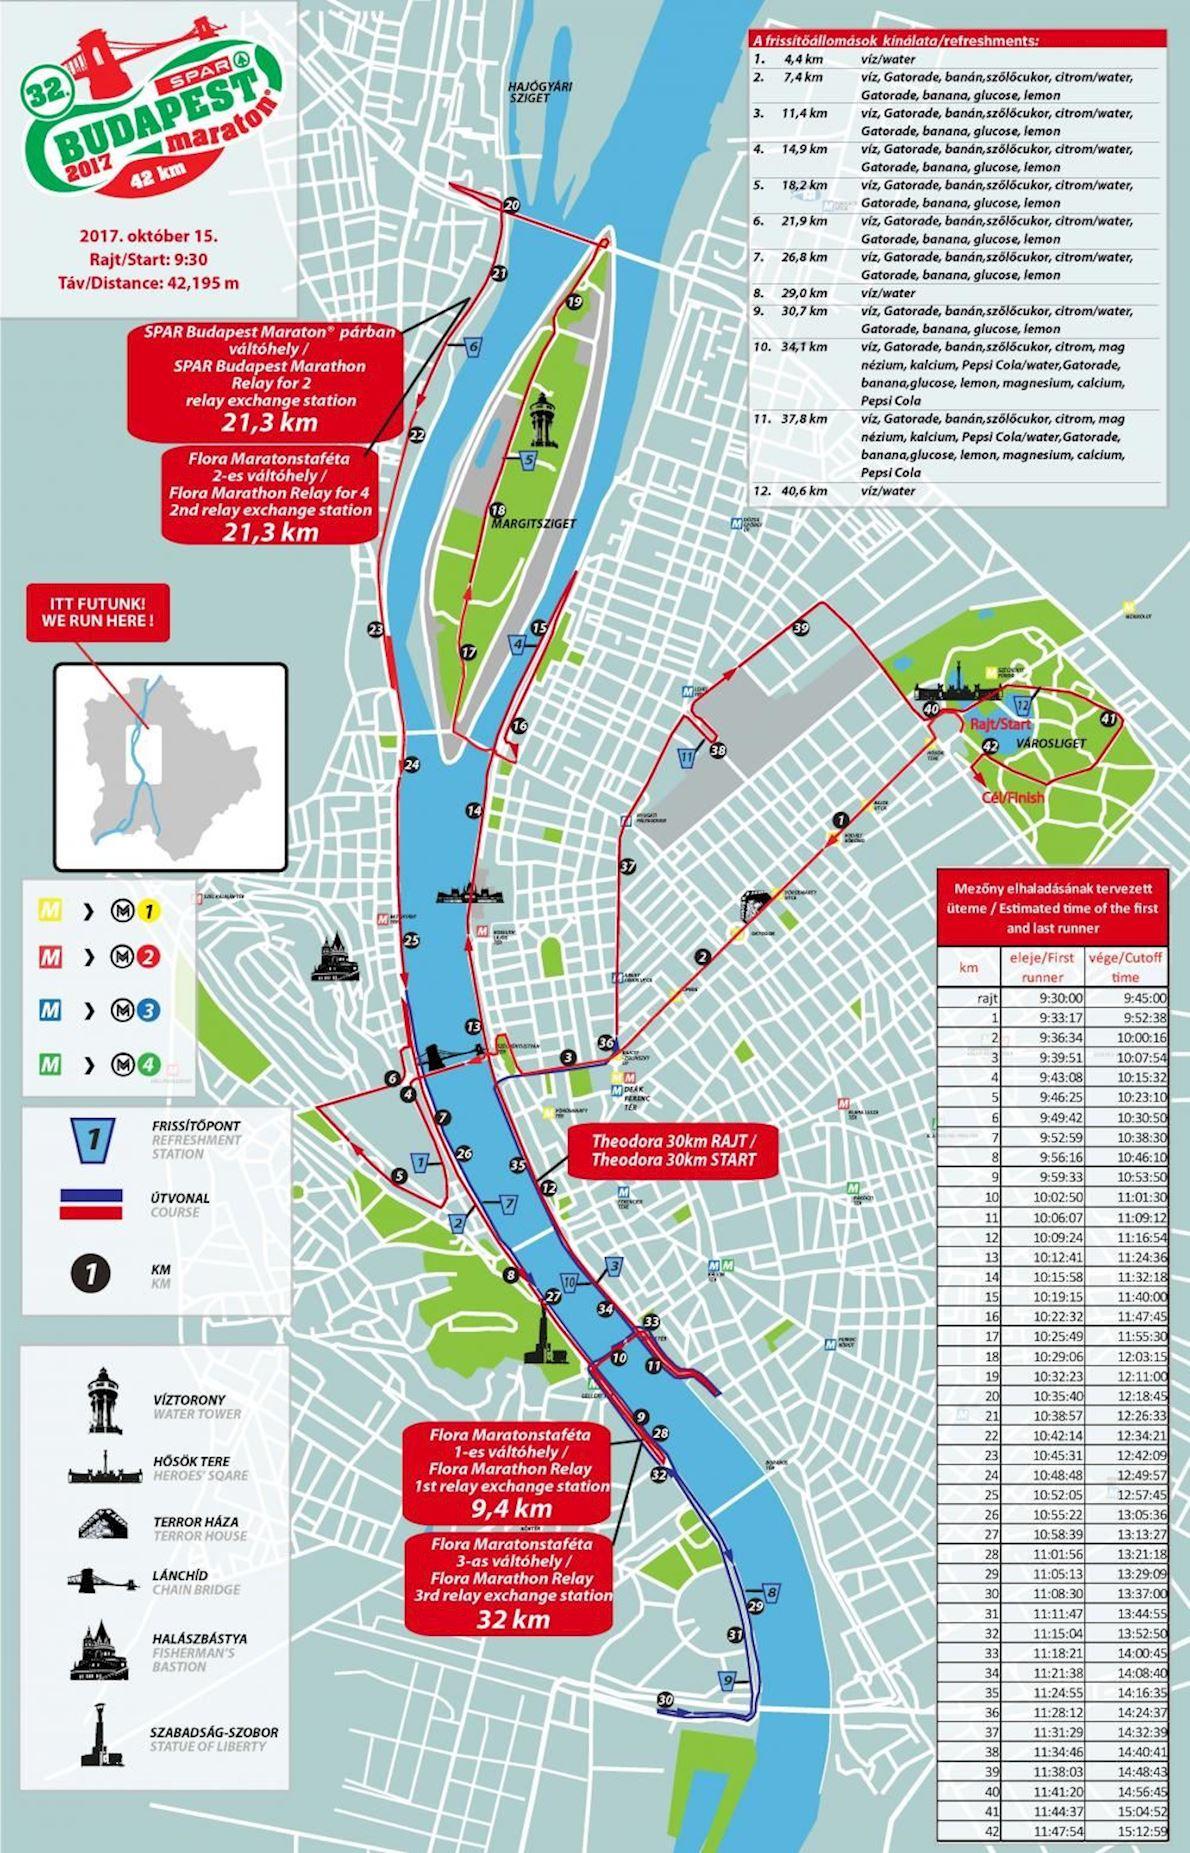 SPAR Budapest Marathon Mappa del percorso